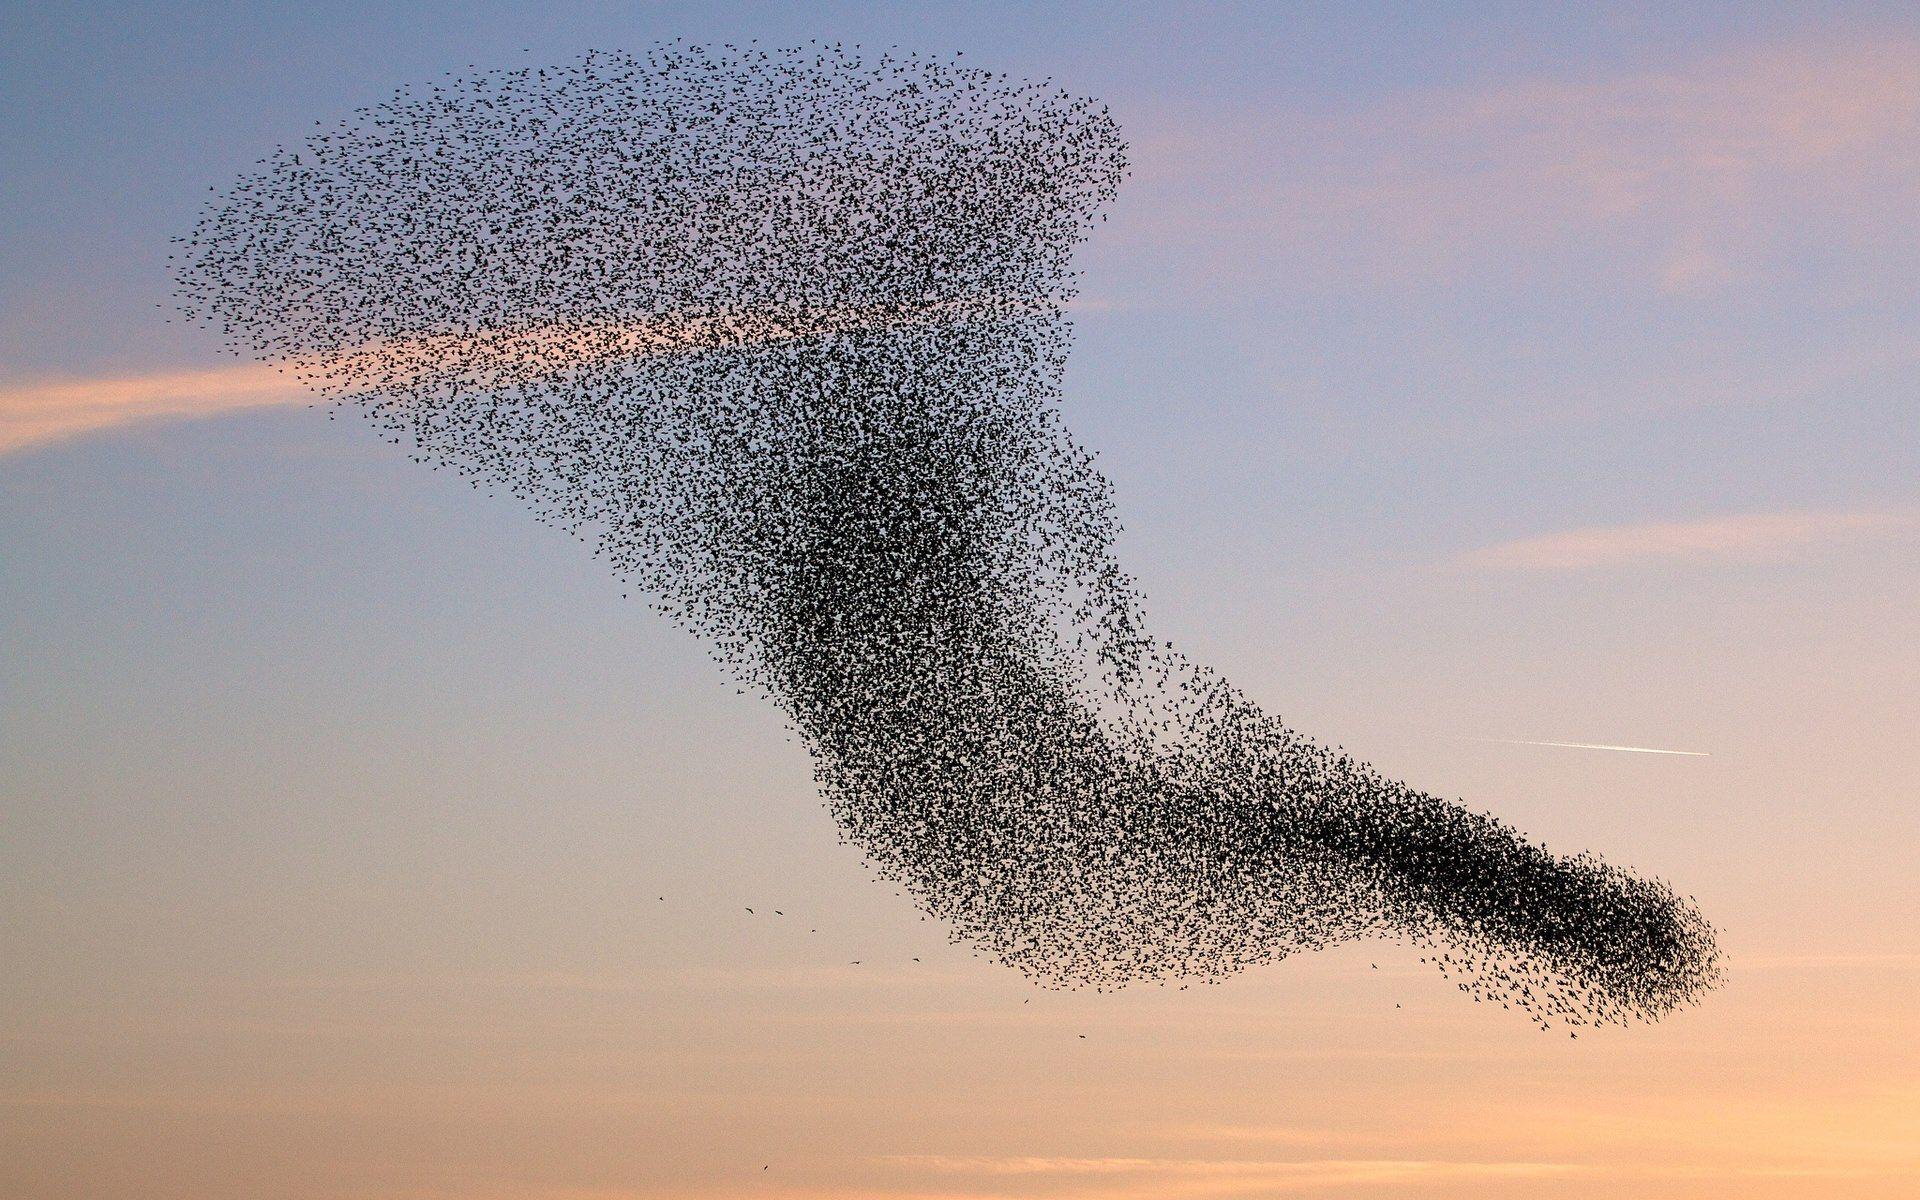 De vogeltrek is in volle gang! Wist je dat 90% van de vogels 's nachts vliegt? Met weerraders kunnen we de trek toch volgen en zijn er afgelopen dagen tientallen miljoenen trekvogels waargenomen!